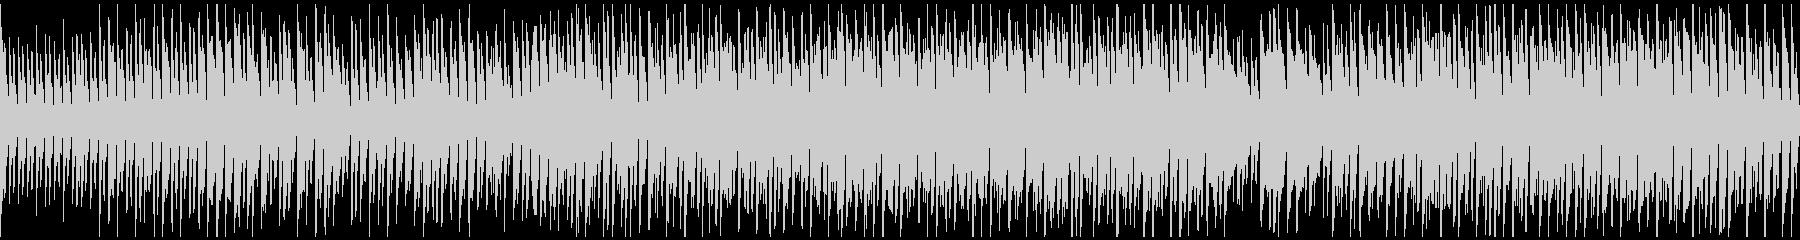 カートゥーン系のリコーダー劇伴※ループ版の未再生の波形